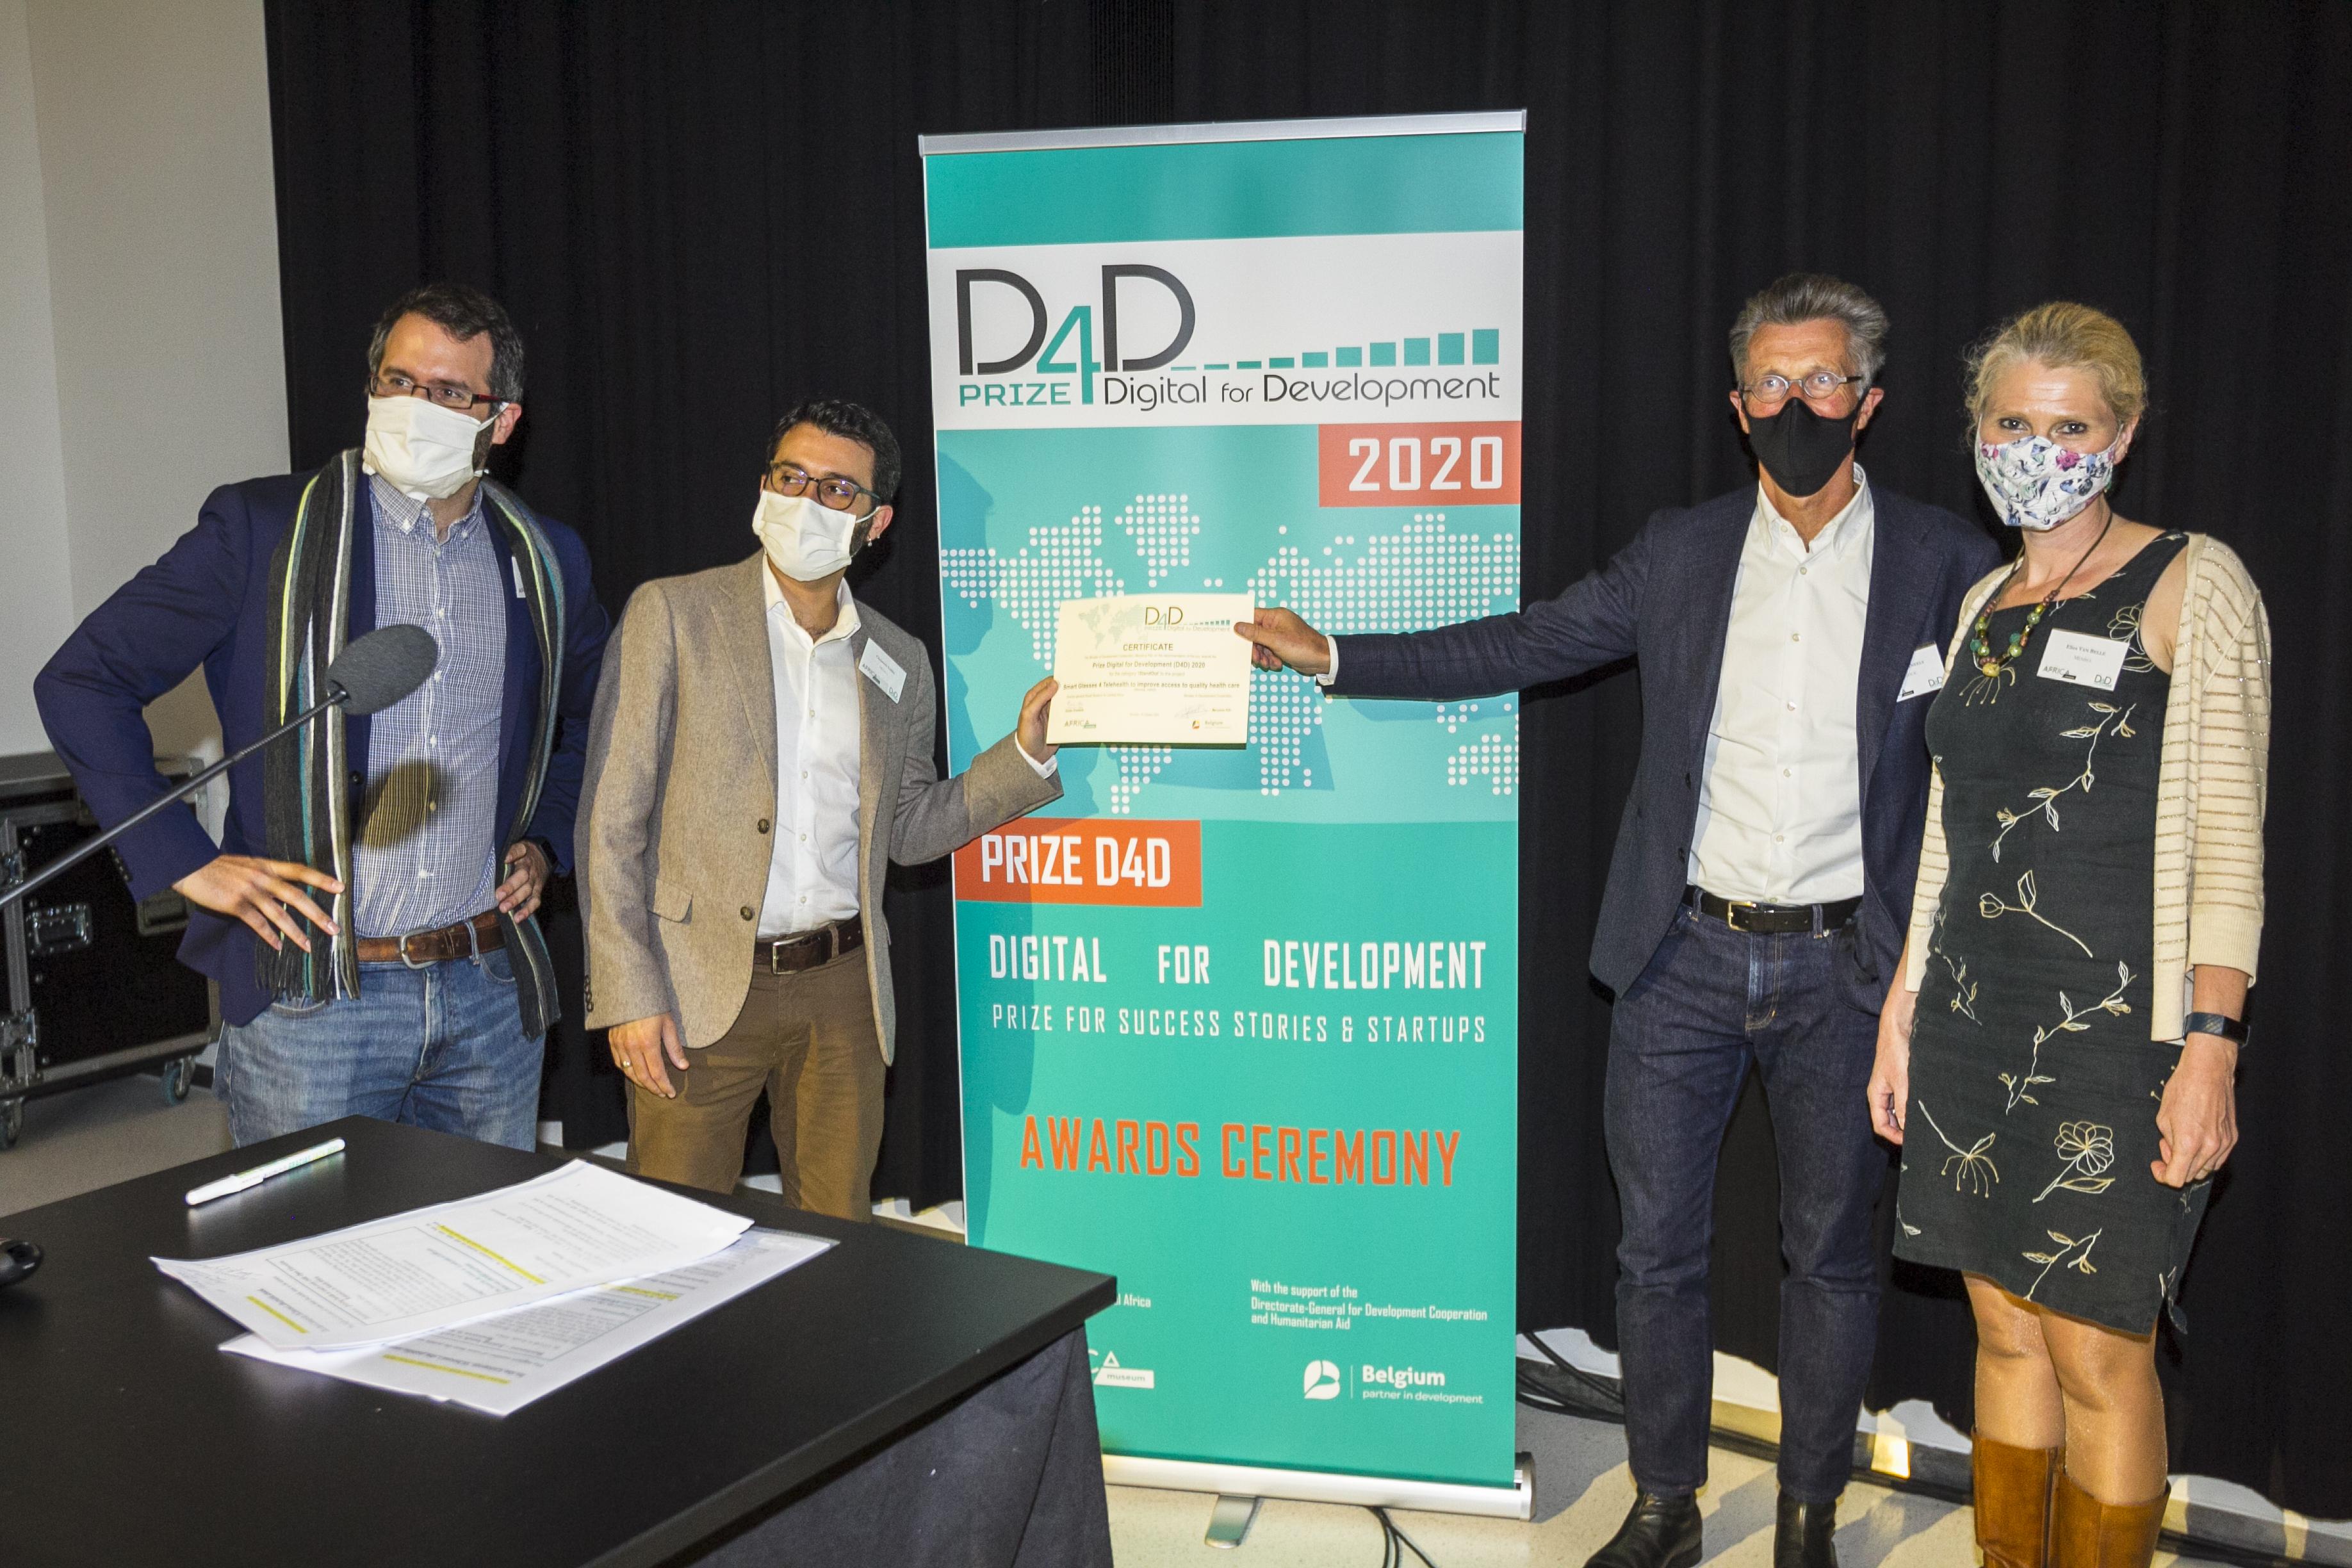 Steven Serneels receiving the D4D award